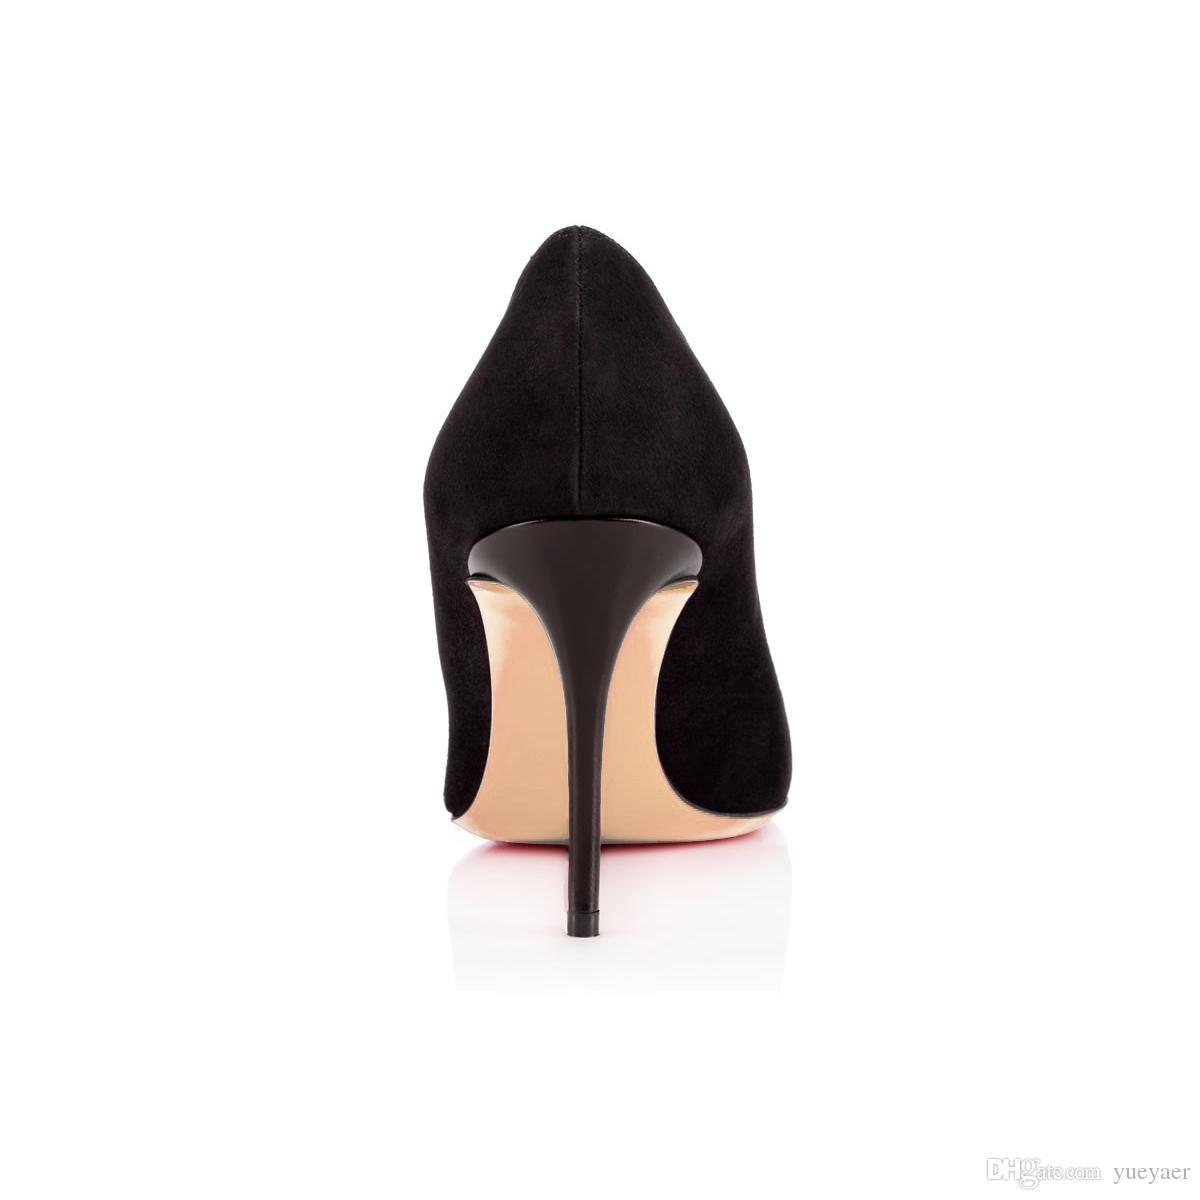 Karmran Mulheres Handmade Moda Faronessa Estilo 85mm Rodada Toe Borboleta Bombas de Salto Alto Sapatos Preto Z62810